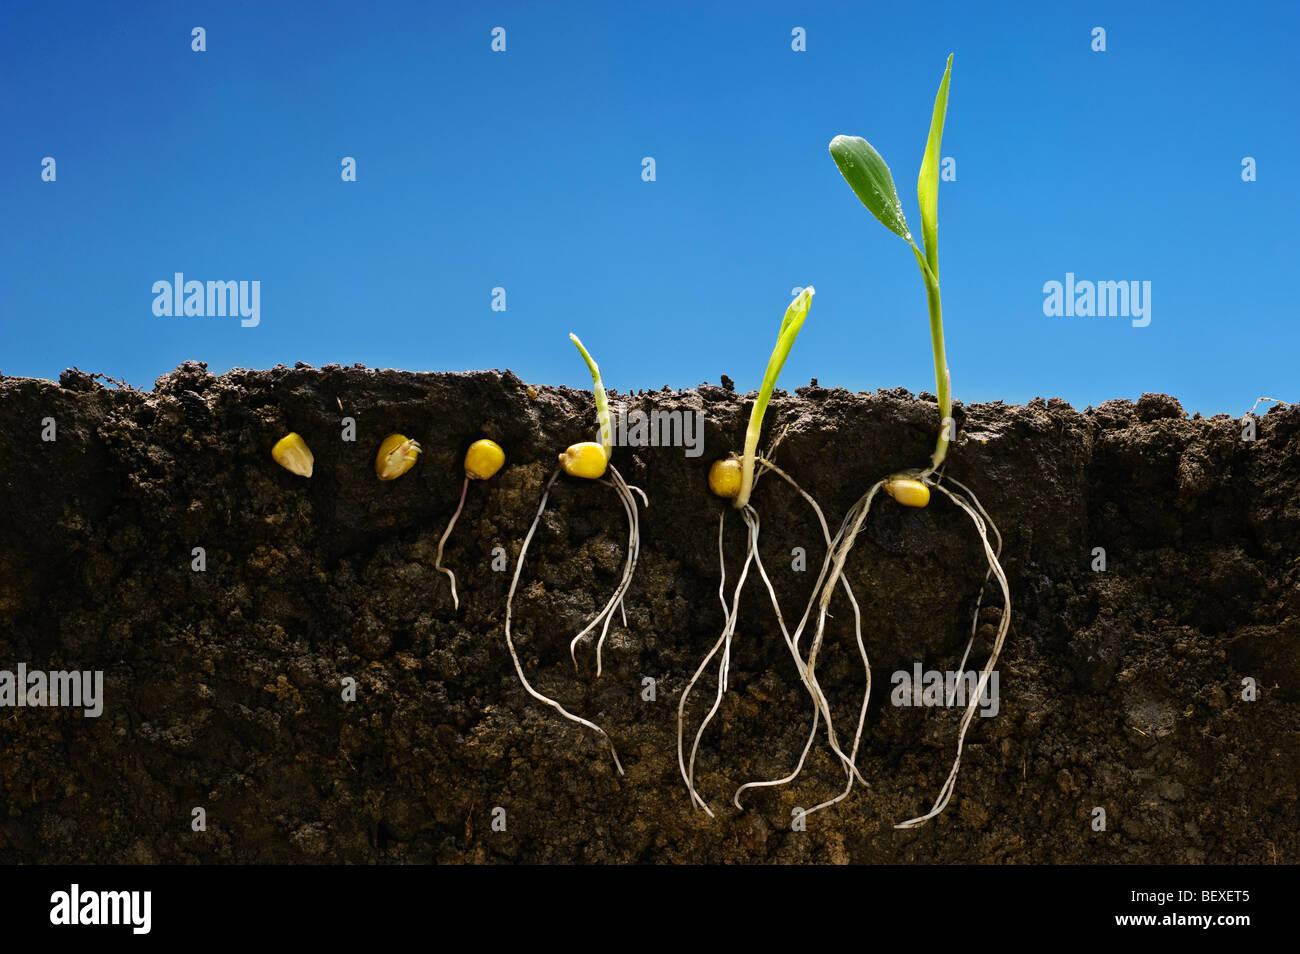 Getreide Mais frühen Wachstum Entwicklungsstadien zeigen Wurzelsysteme; von links nach rechts: sechs Etappen Stockbild